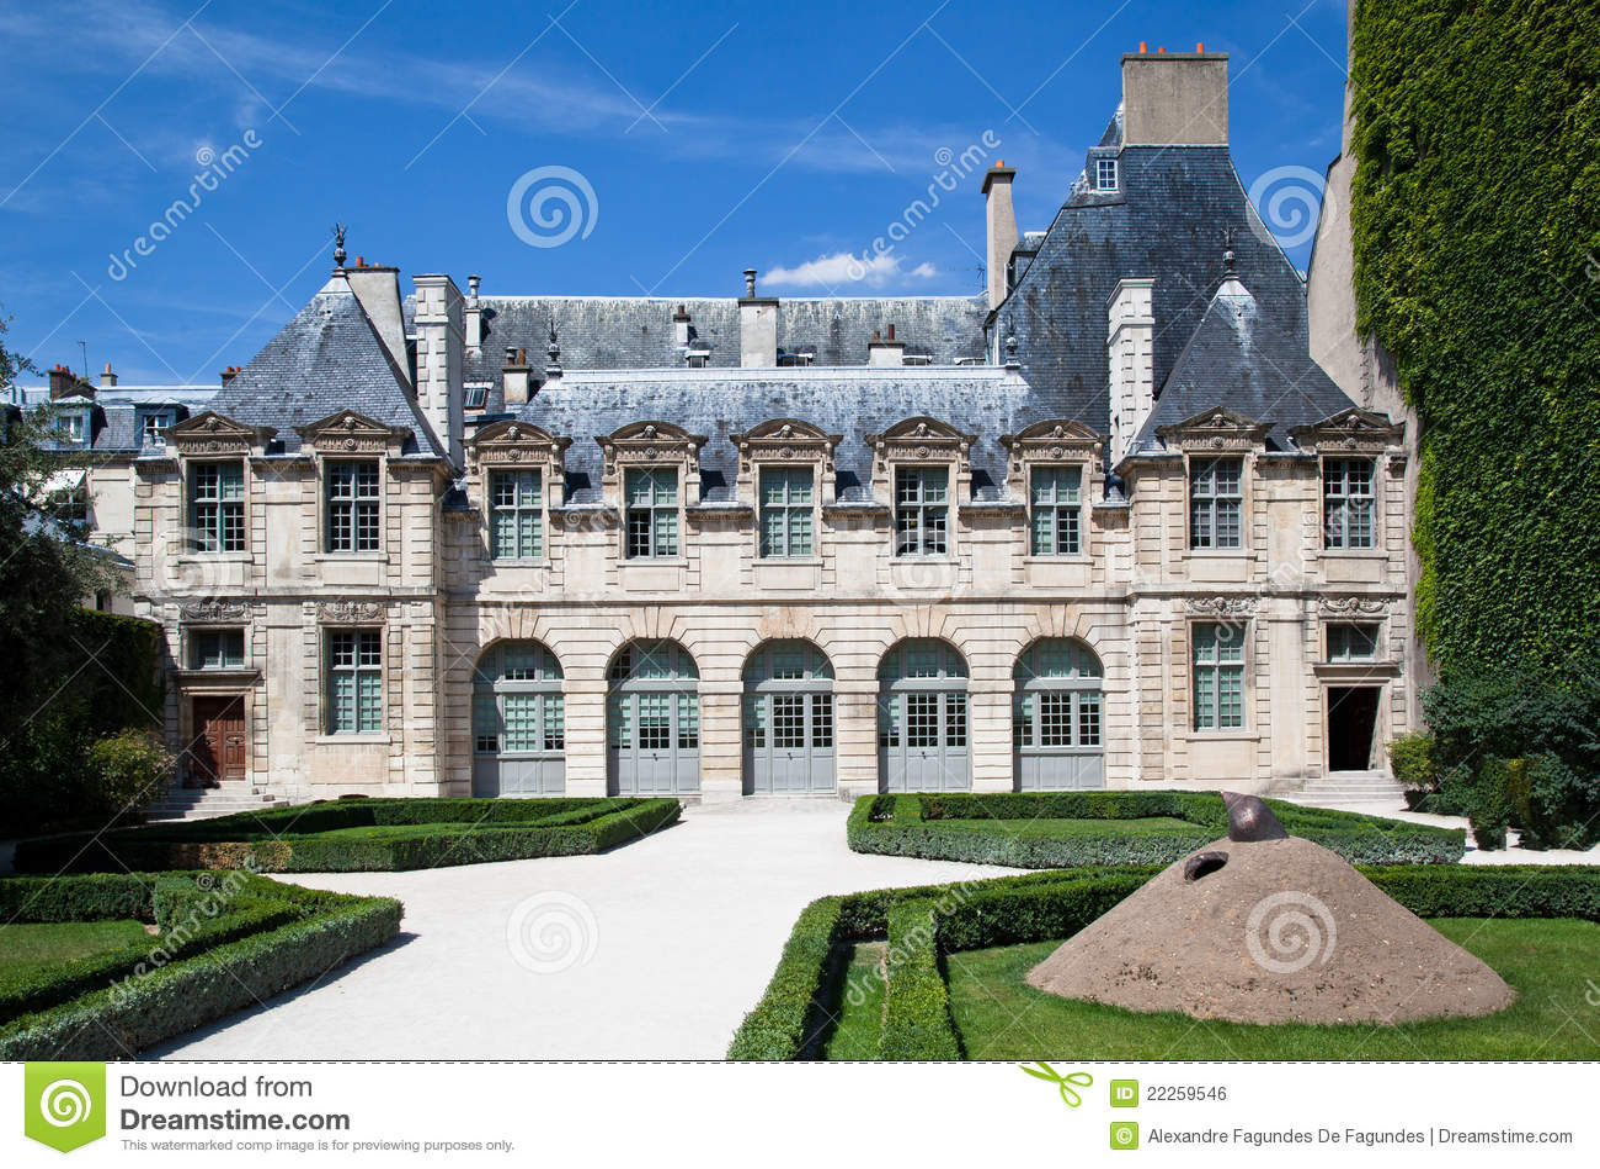 Hotel de sully paris frankreich stockfoto bild von for Frankreich hotel paris